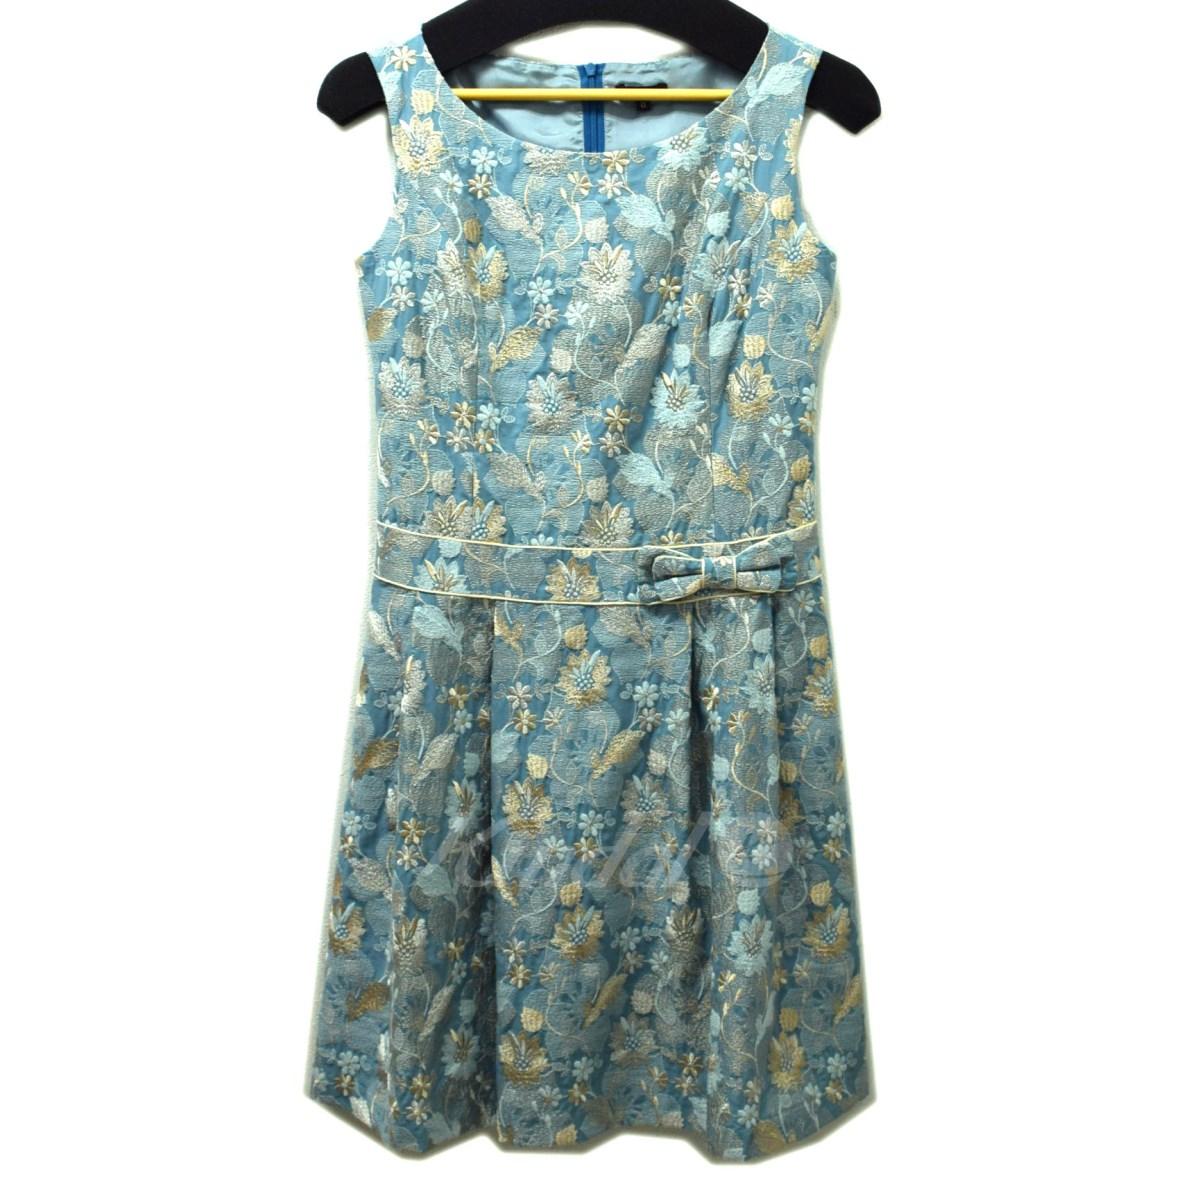 【中古】TOCCA フラワー刺繍ワンピース 【送料無料】 【002538】 【KIND1550】